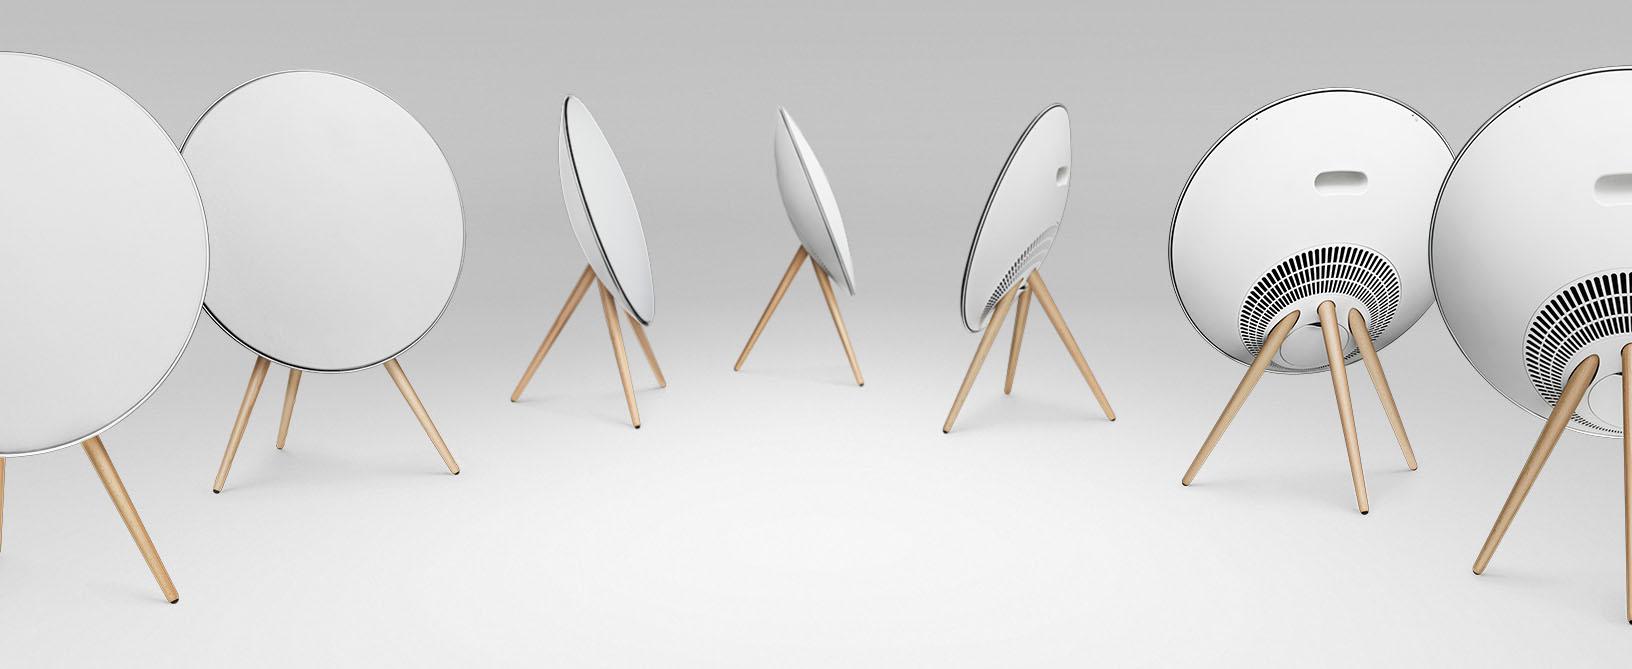 ces 2013 preview innovation awards. Black Bedroom Furniture Sets. Home Design Ideas